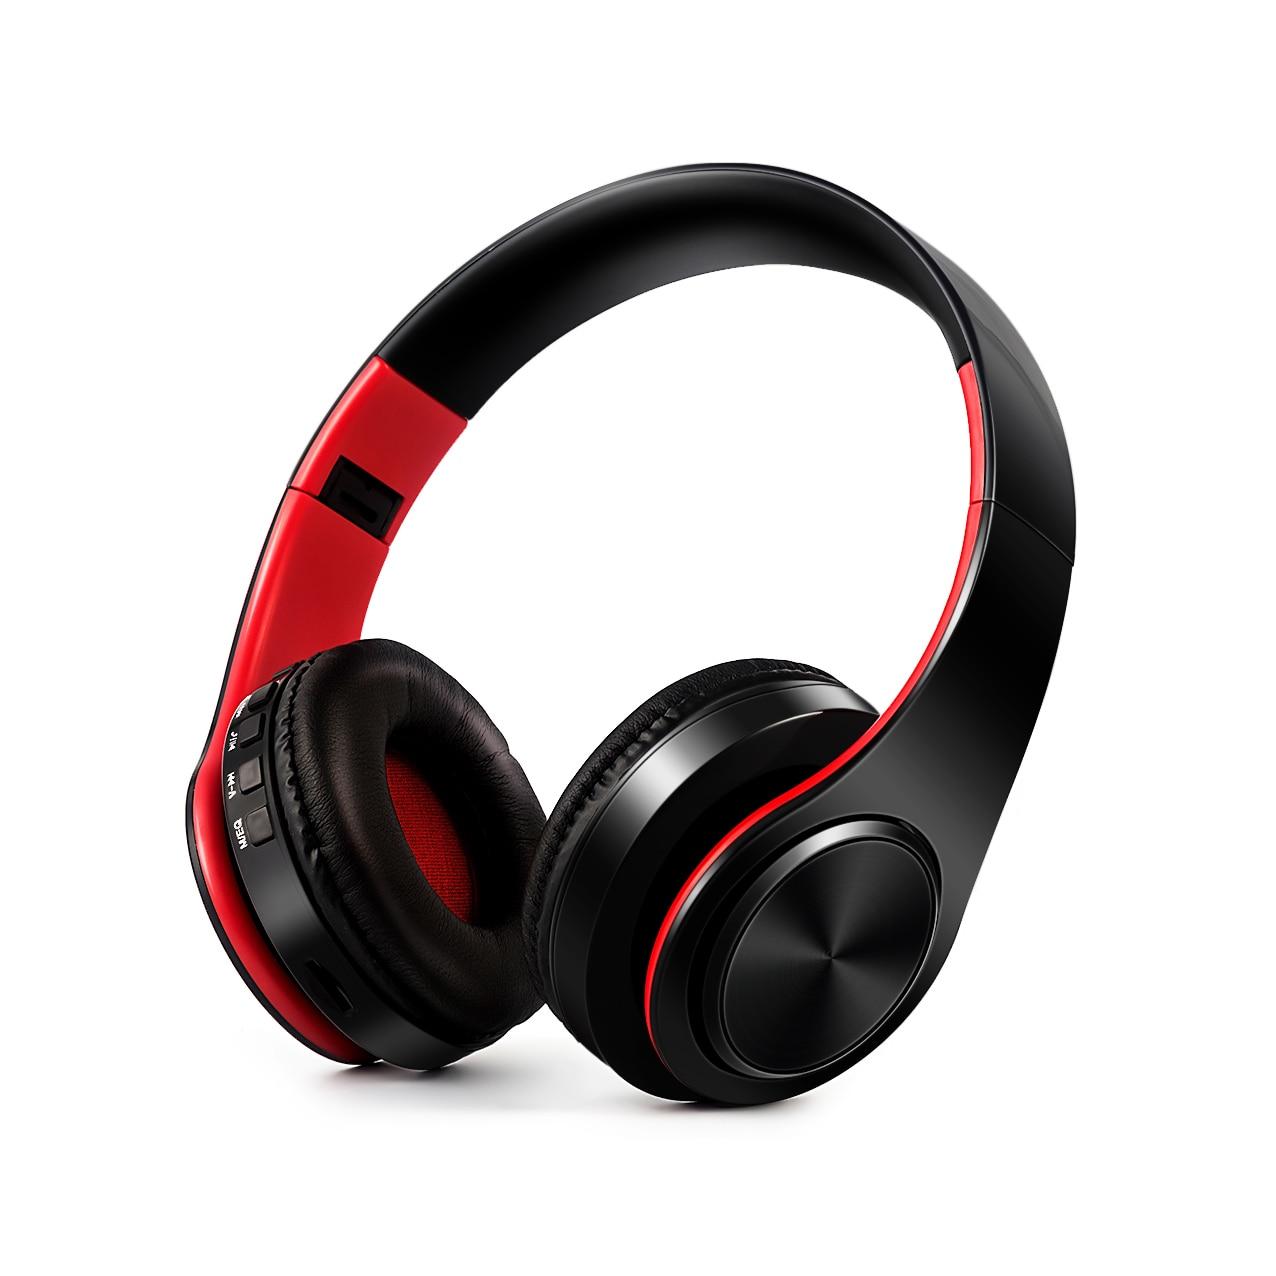 EASYIDEA cuffie Senza Fili di Bluetooth Della Cuffia Con Il Microfono della cuffia di Alta Qualità Per lo sport Super Bass Ricarica Cuffia